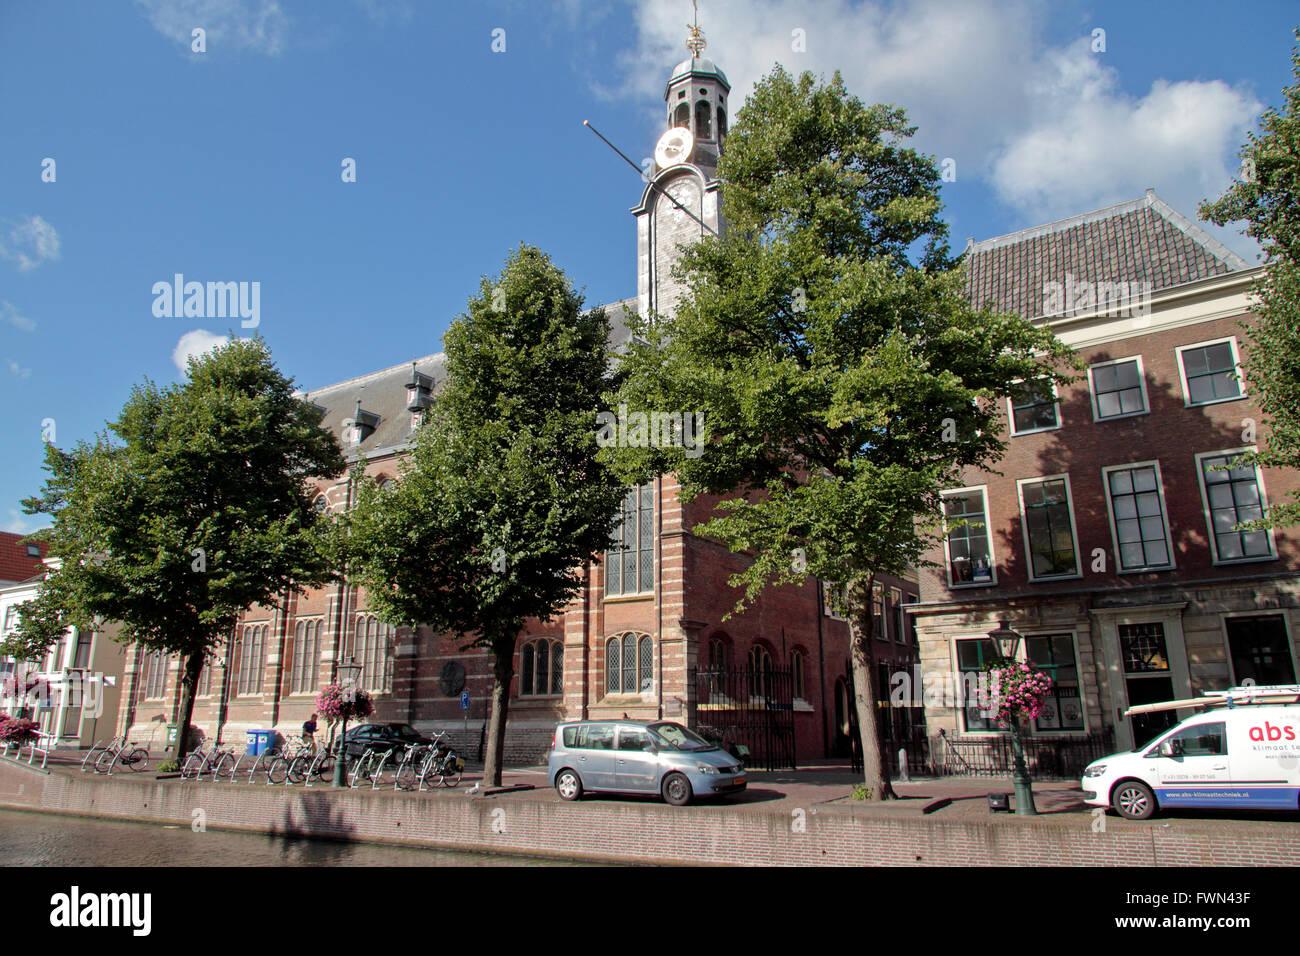 Das Academisch Historisch Museum in Leiden, Südholland, Niederlande. Stockbild